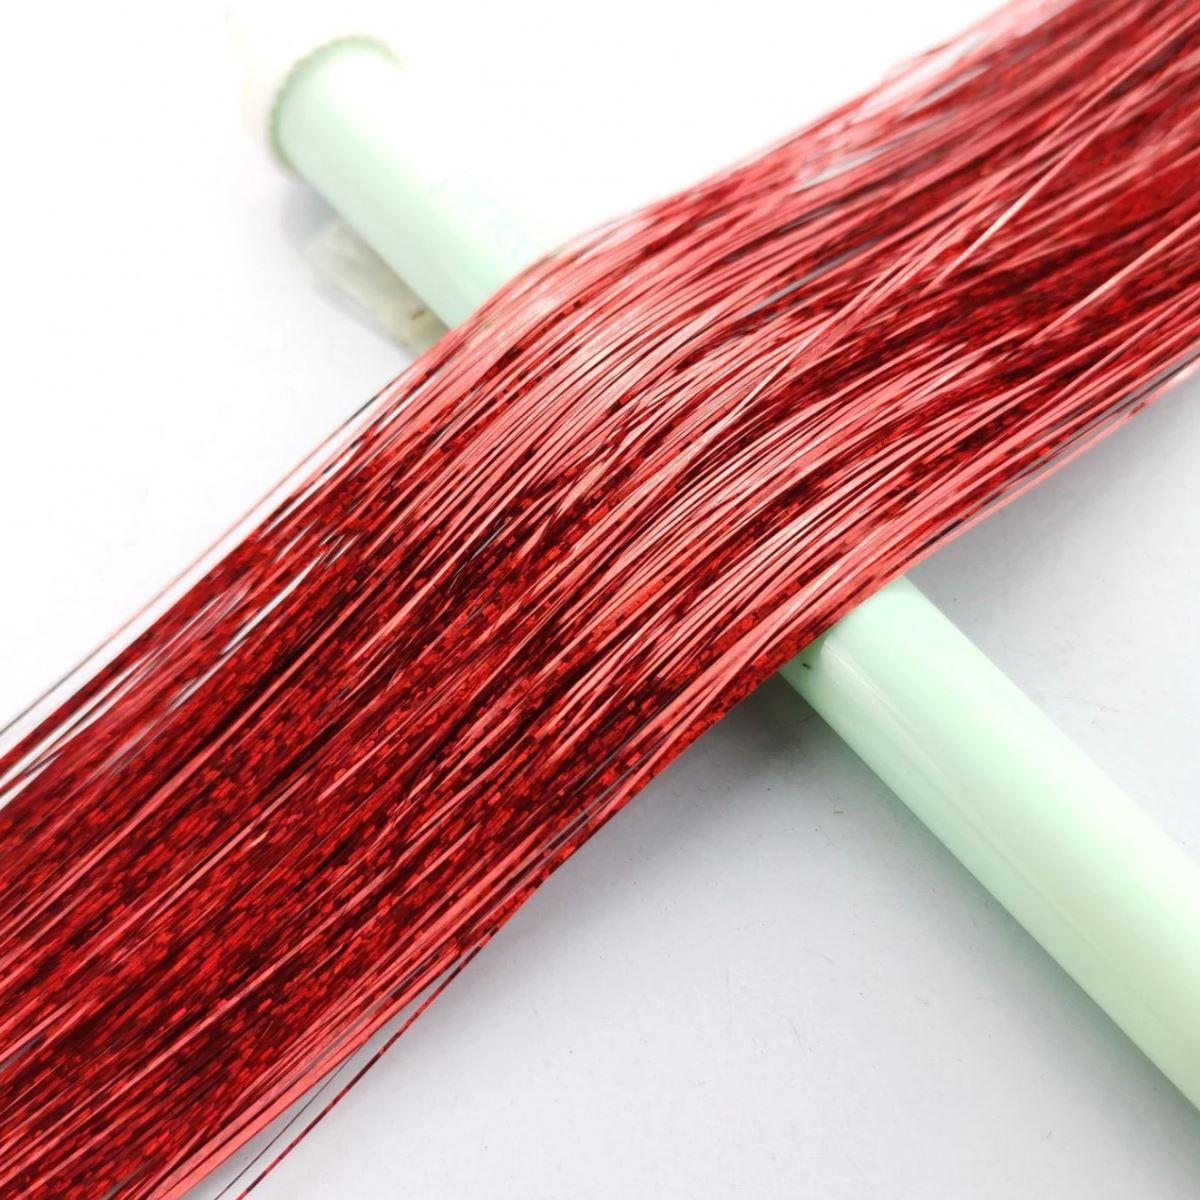 Pozlátko do vlasů - červené